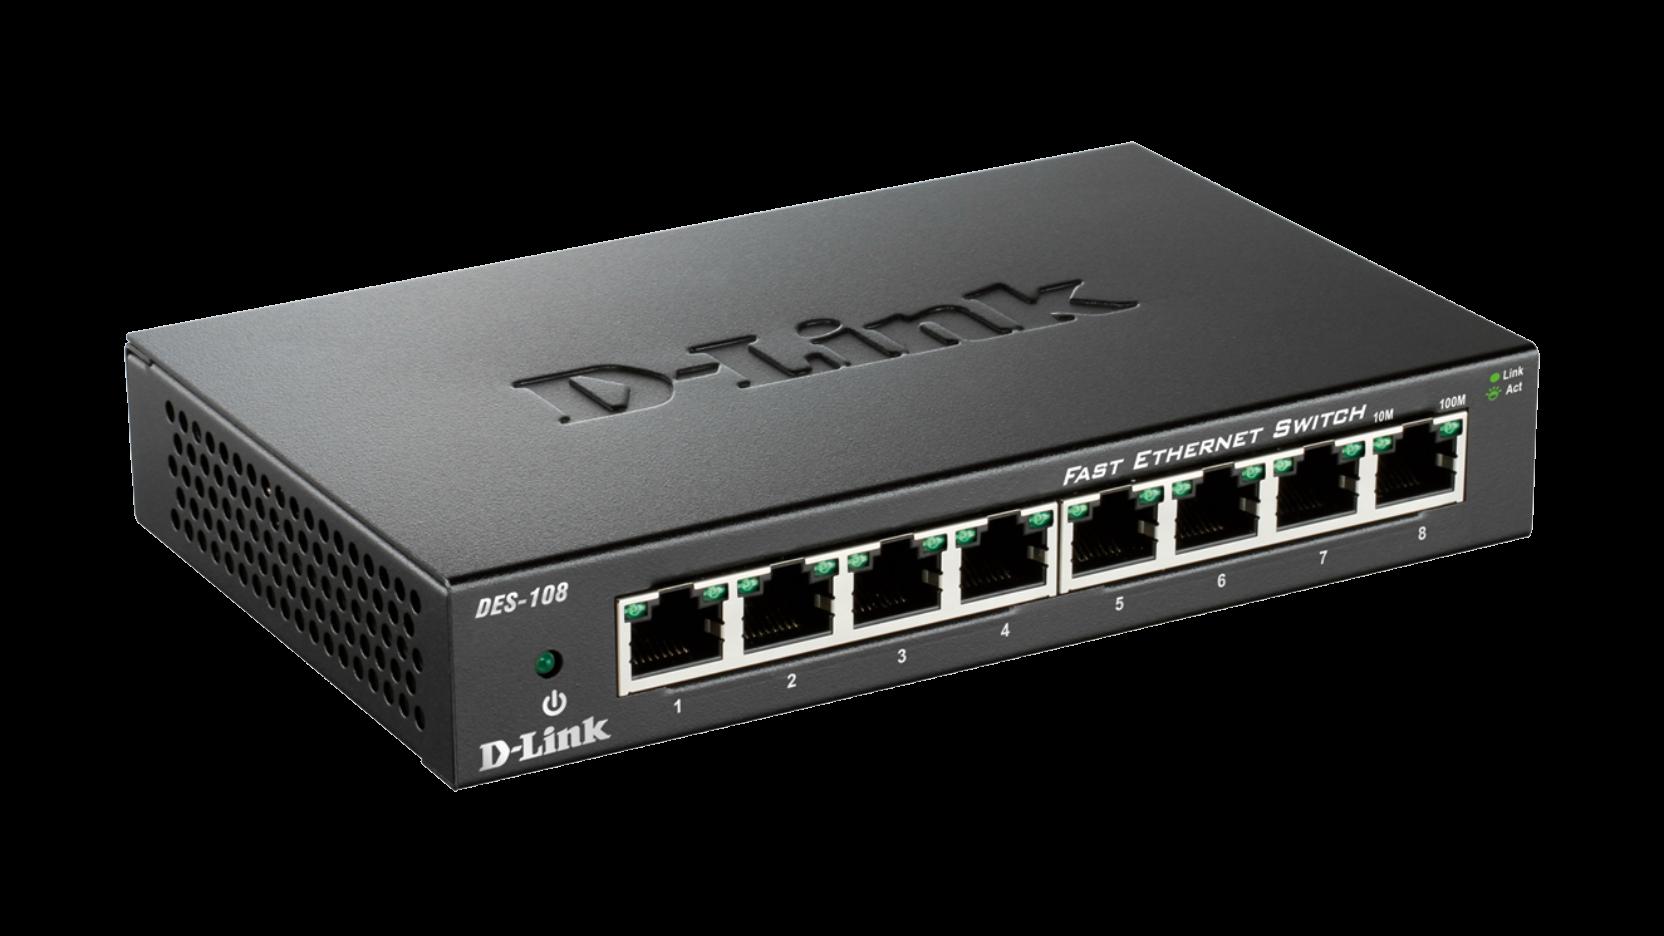 Des 108 8 Port Fast Ethernet Unmanaged Desktop Switch D